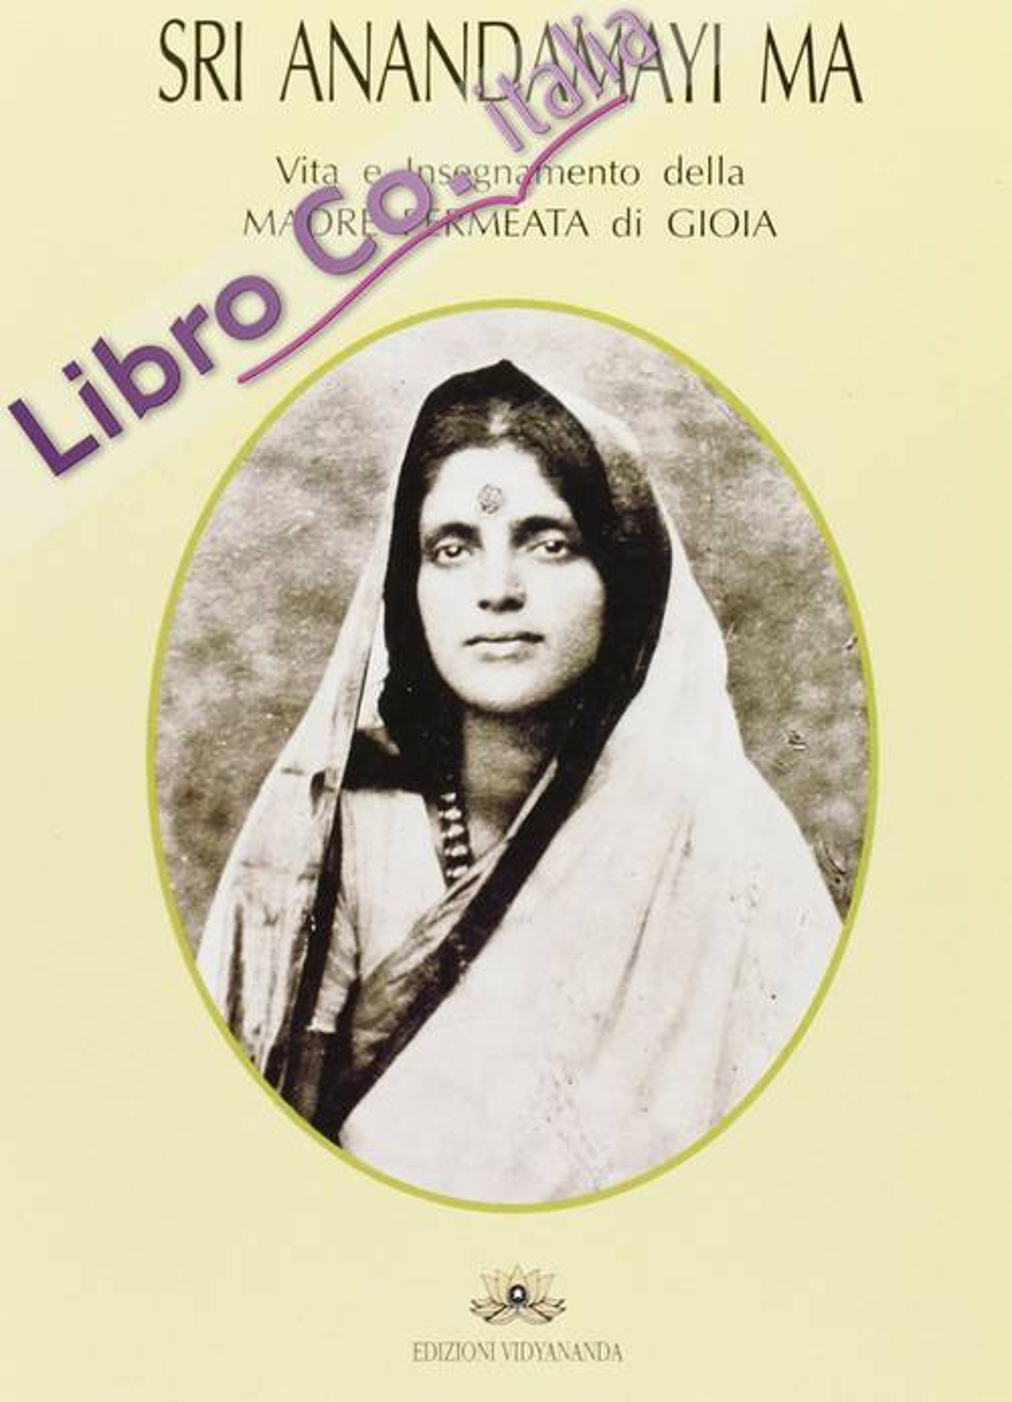 Sri Anandamayi Ma. Vita e insegnamento della madre permeata di gioia